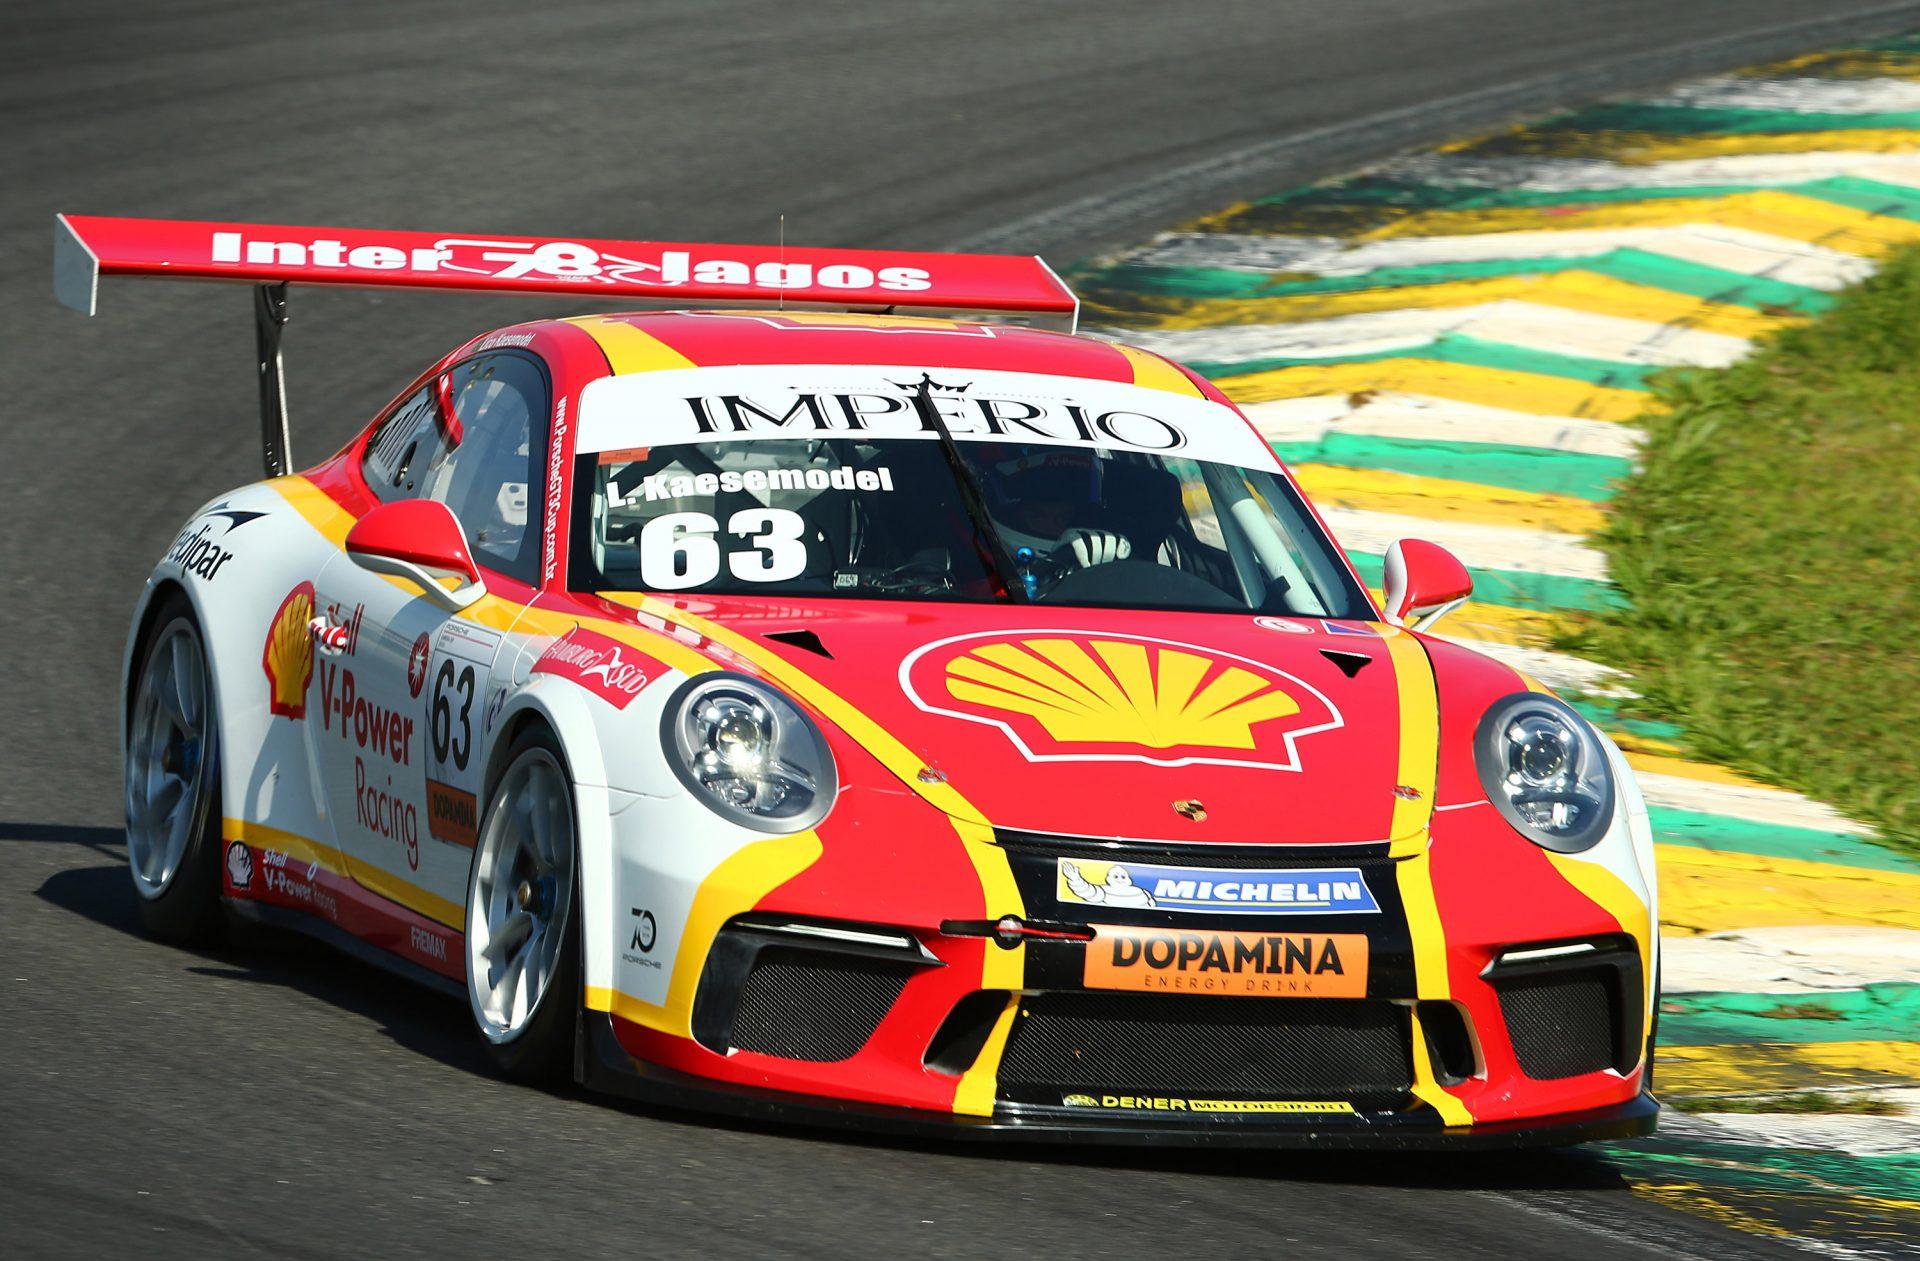 Photo of Porsche Cup – Representada por Lico Kaesemodel e Gaetano di Mauro, Academia Shell disputa penúltima etapa da Porsche Carrera Cup no Velo Città